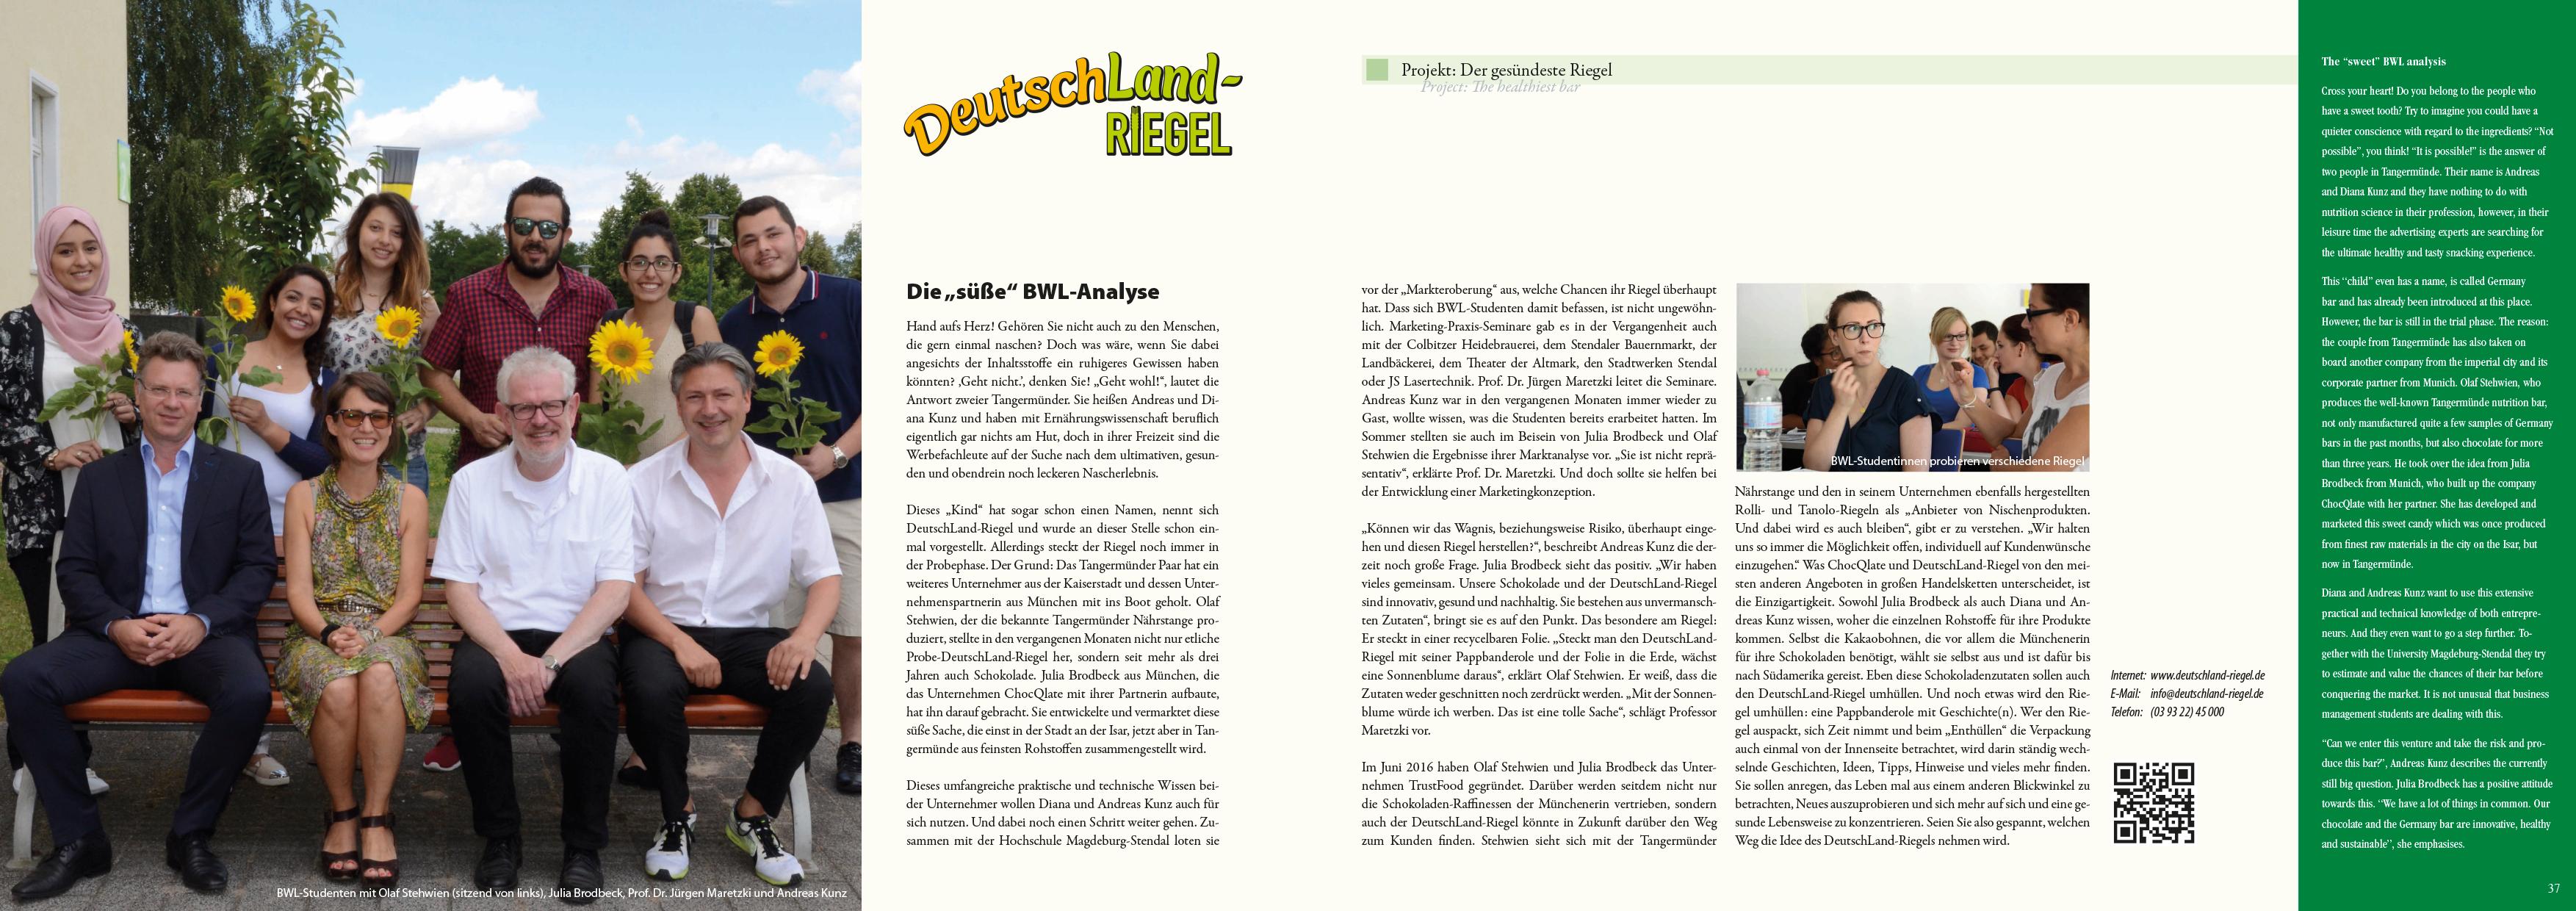 Zeitungsbeitrag Altmark-Wirtschaftsbroschüre »Wirtschaft – Wachstum – Visionen« 2015, Textbeitrag zum Projekt DeutschLand-Riegel, von Anke Hoffmeister